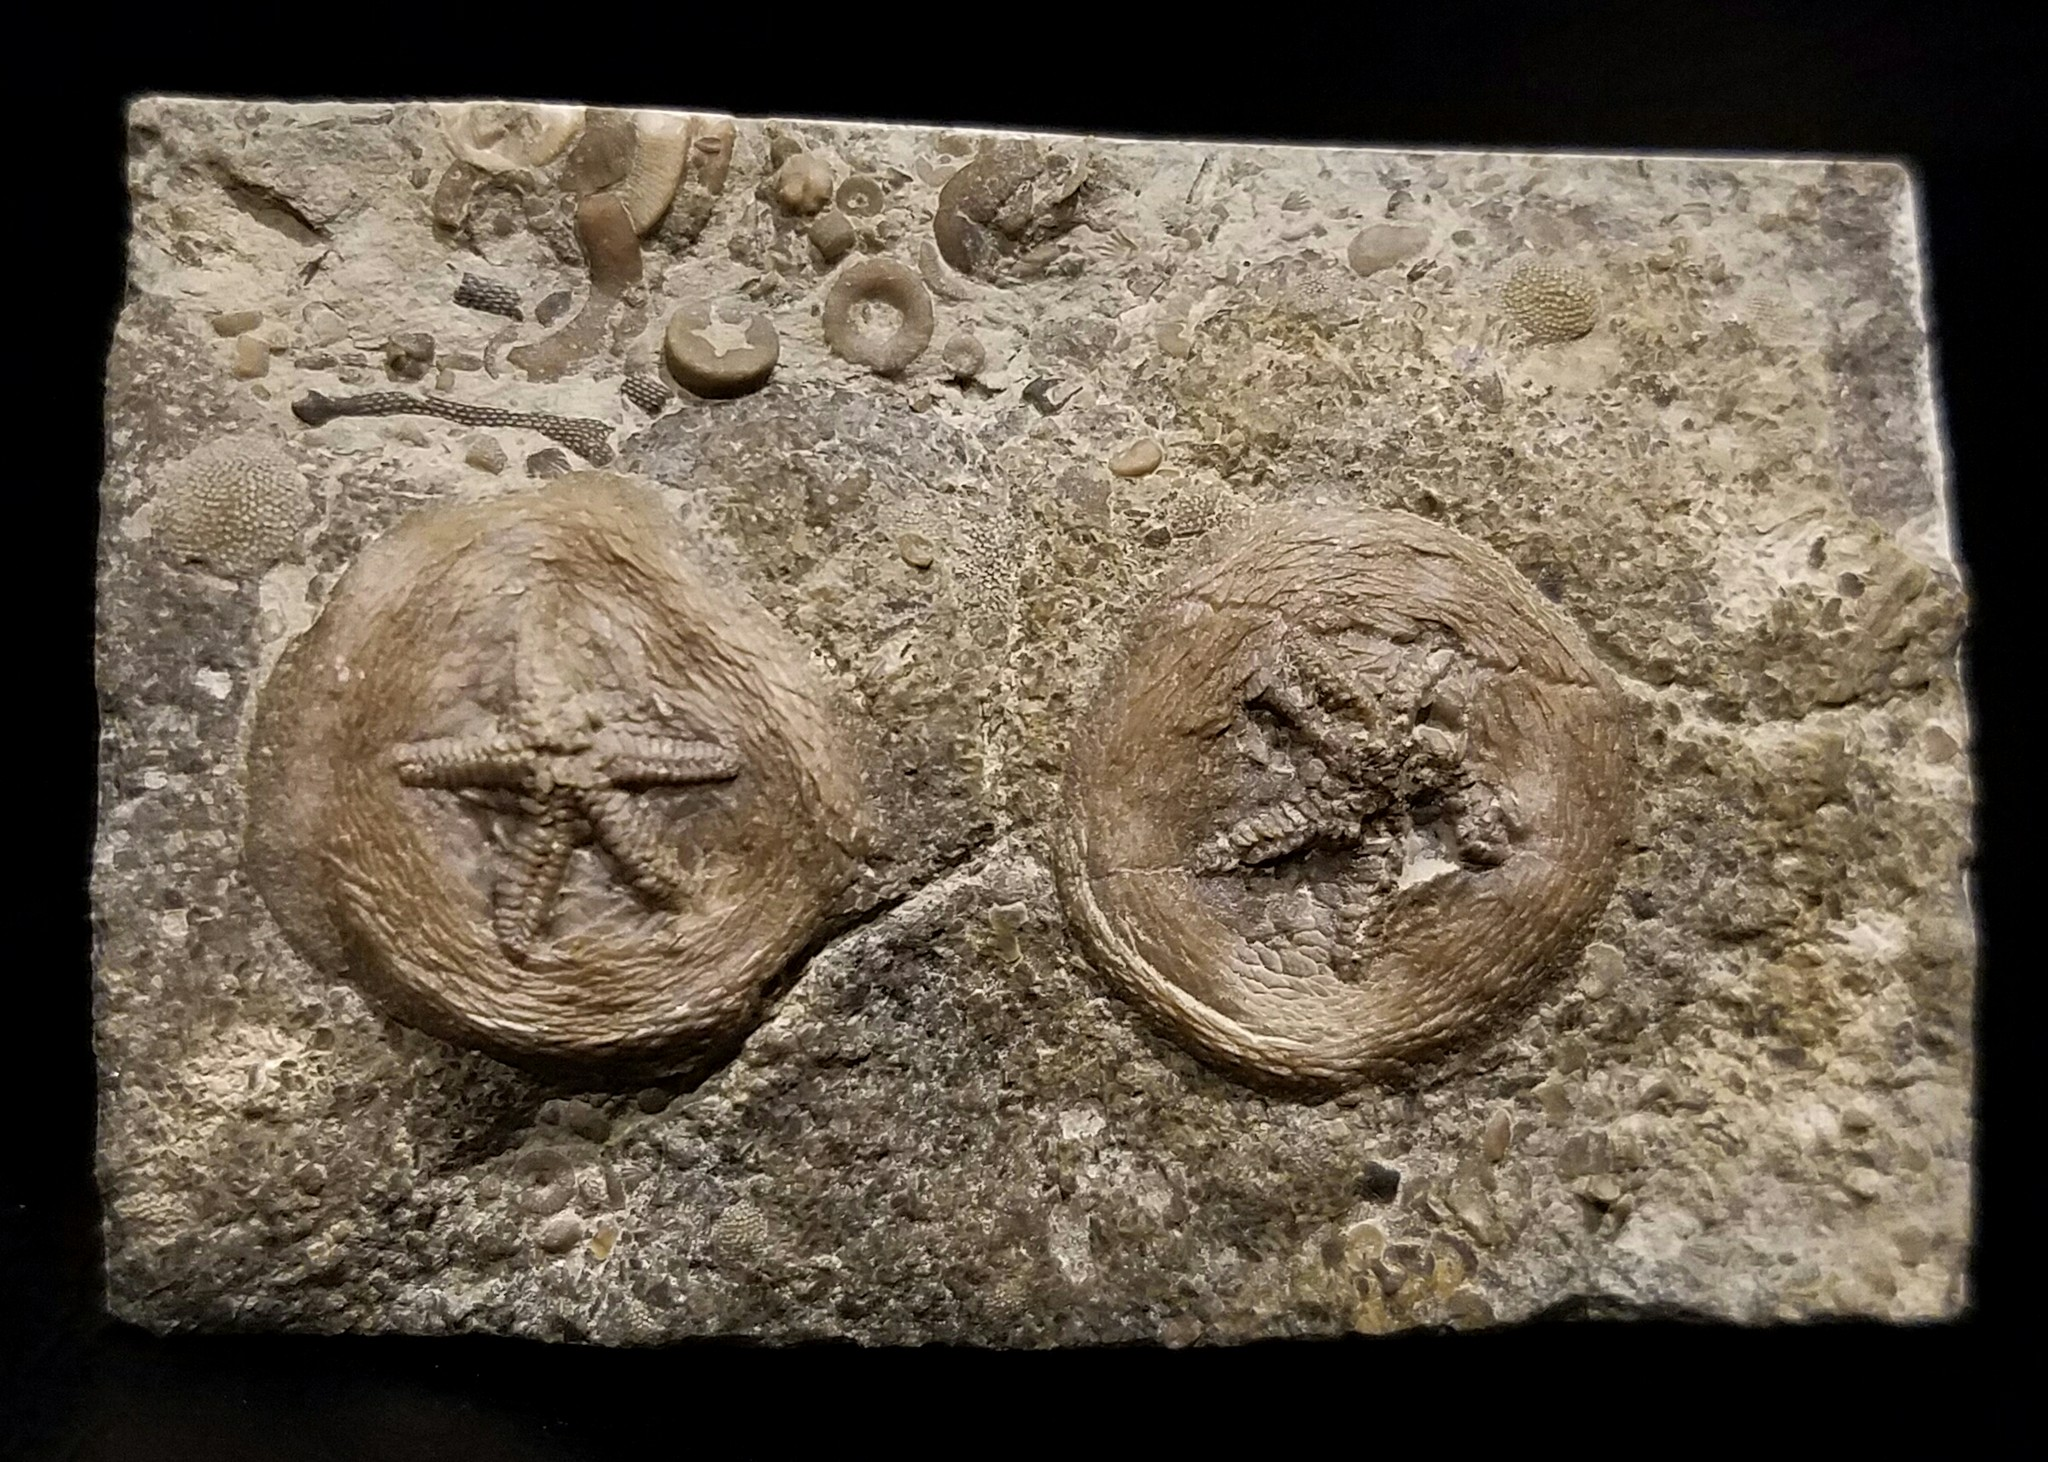 Cryptogoleus chapmani, Verulam Formation, Gamebridge, Ontario, Canada (Ordovician) – 17 mm, each.